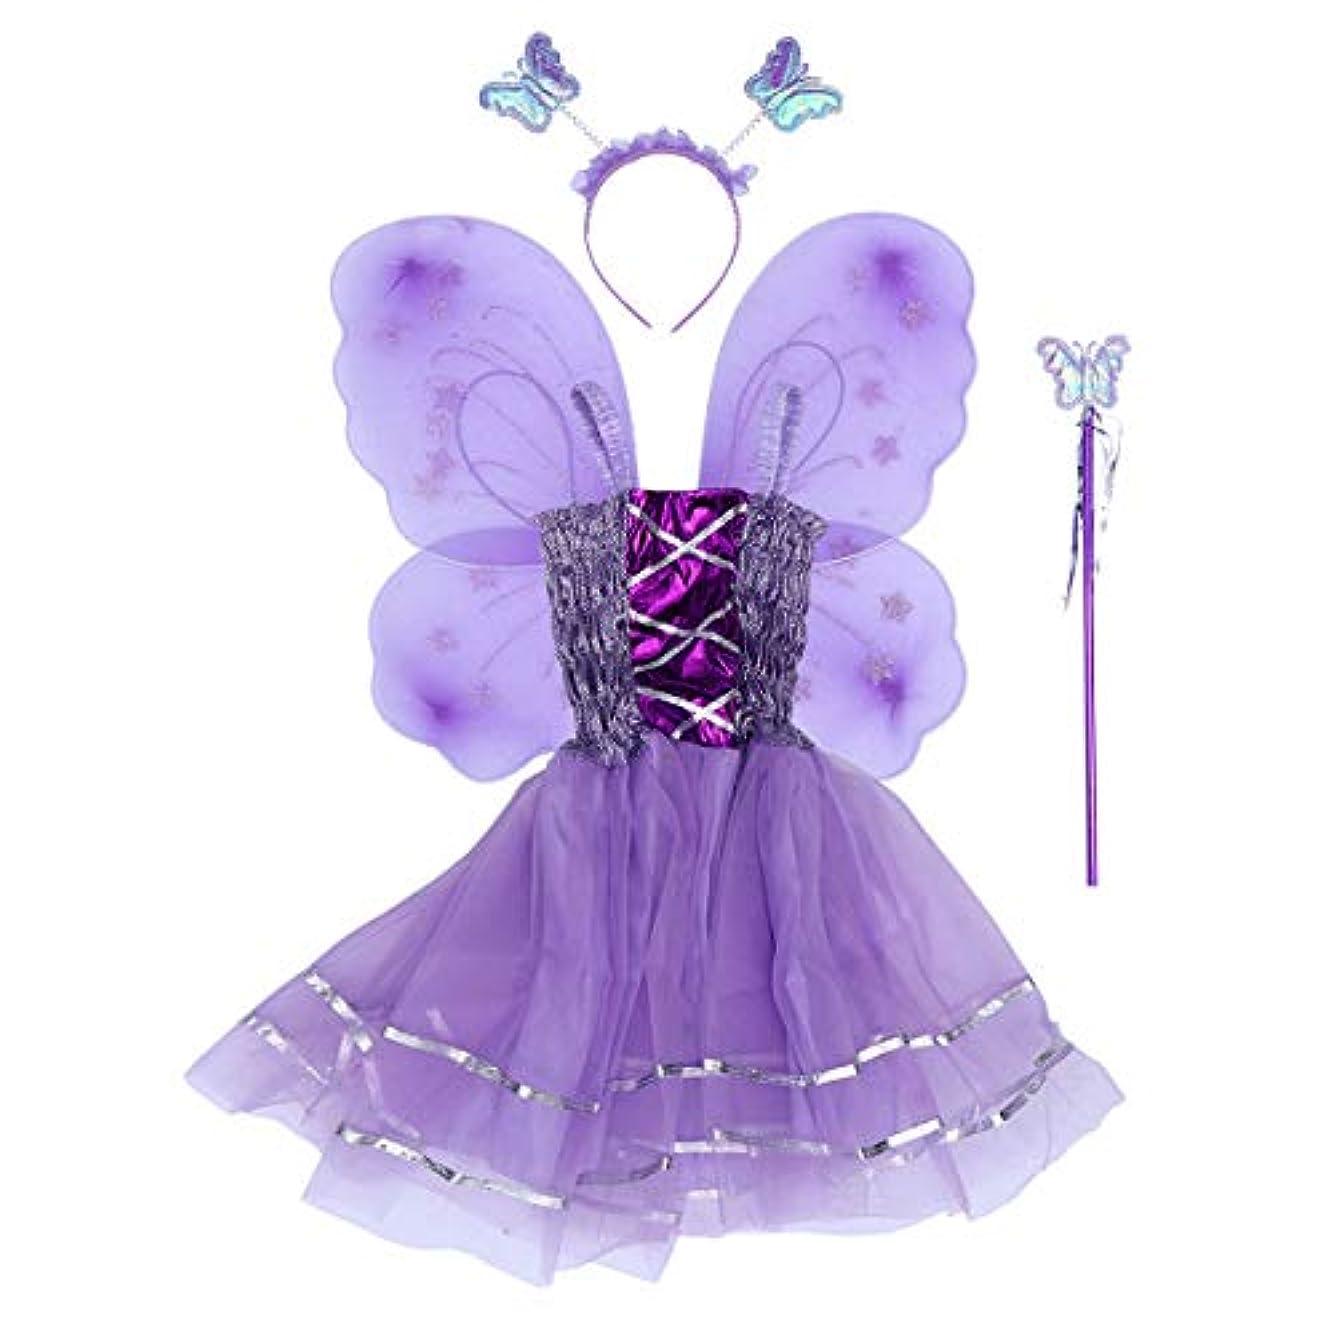 アピール炎上幾何学BESTOYARD 4個の女の子バタフライプリンセス妖精のコスチュームセットバタフライウィング、ワンド、ヘッドバンドとツツードレス(バイオレット)